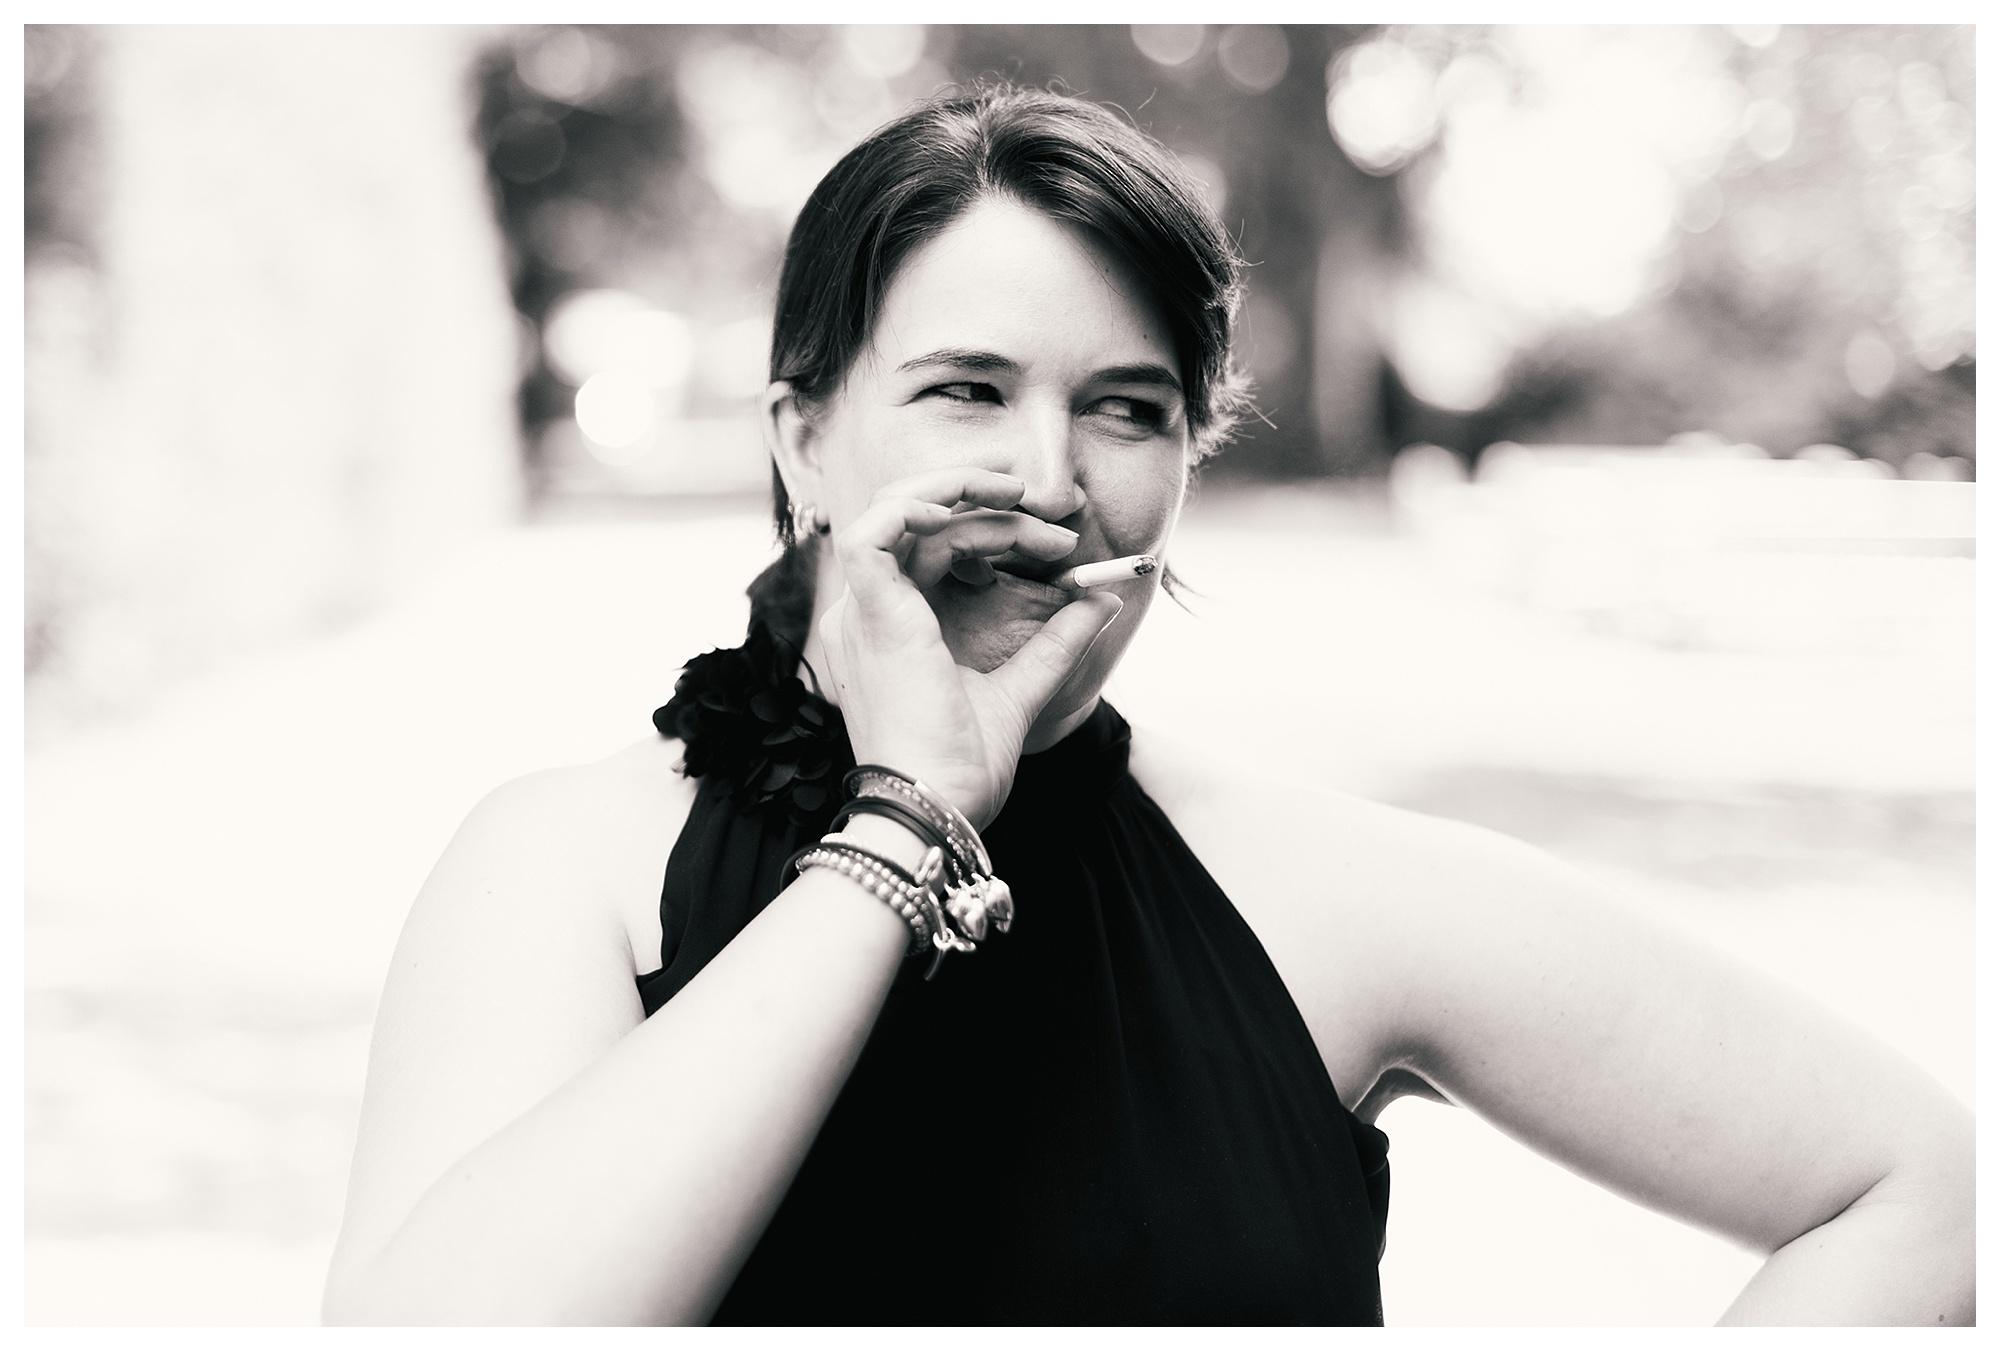 Fotograf Konstanz - Best of 2014 Elmar Feuerbacher Photography Hochzeit Portrait 028 - Rückblick auf 2014  - 18 -